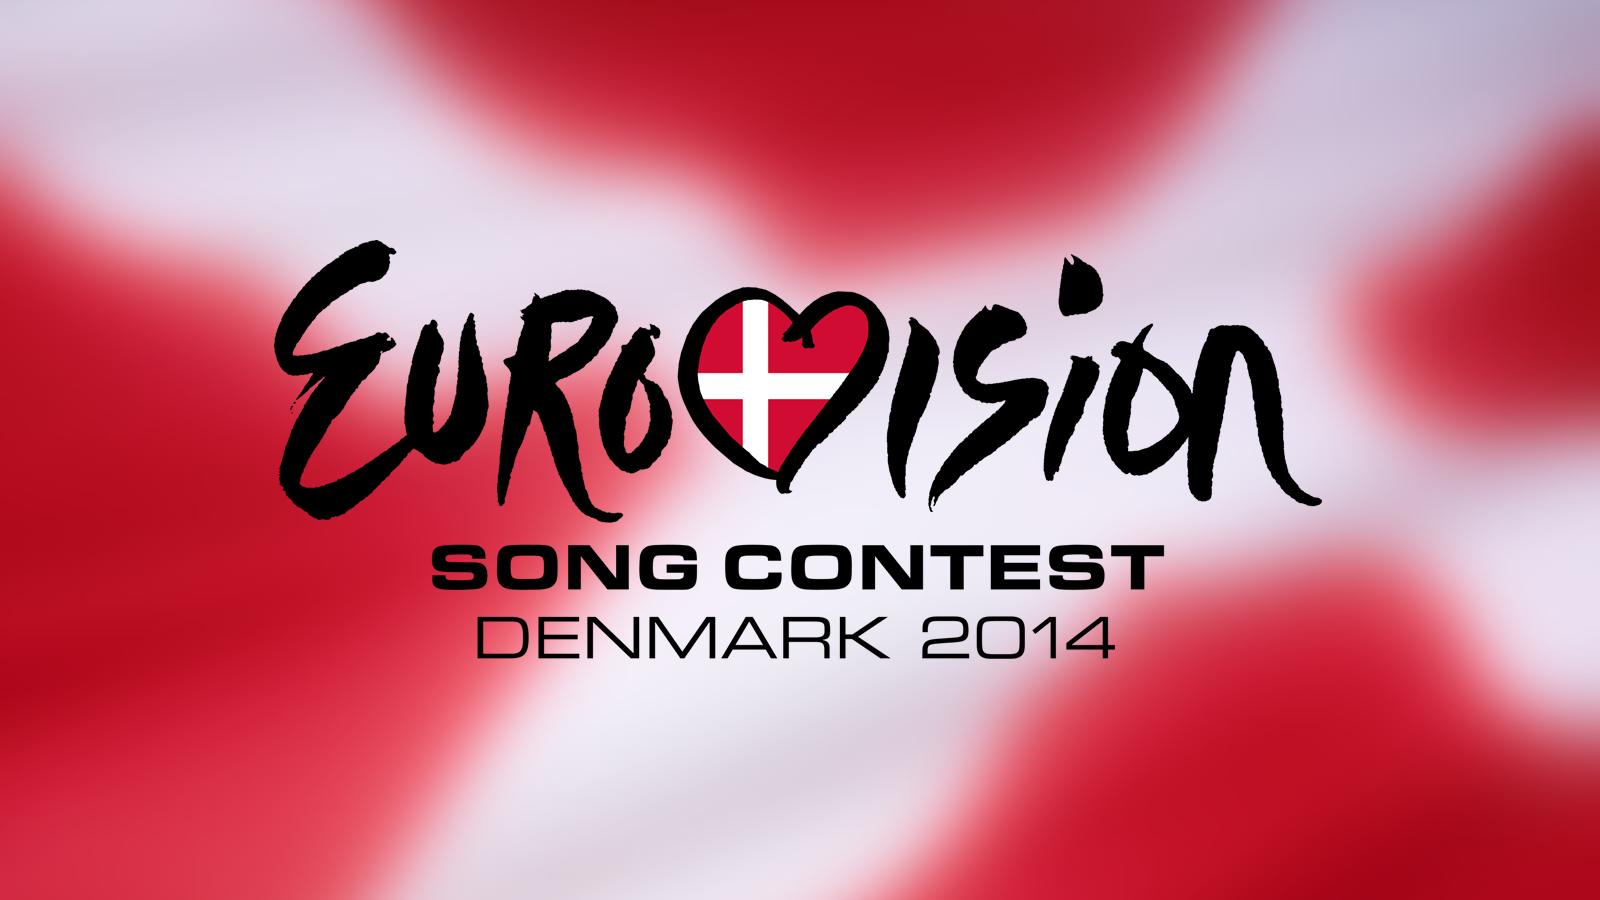 EUROVISION SONG CONTEST – COPENHAGEN 2014